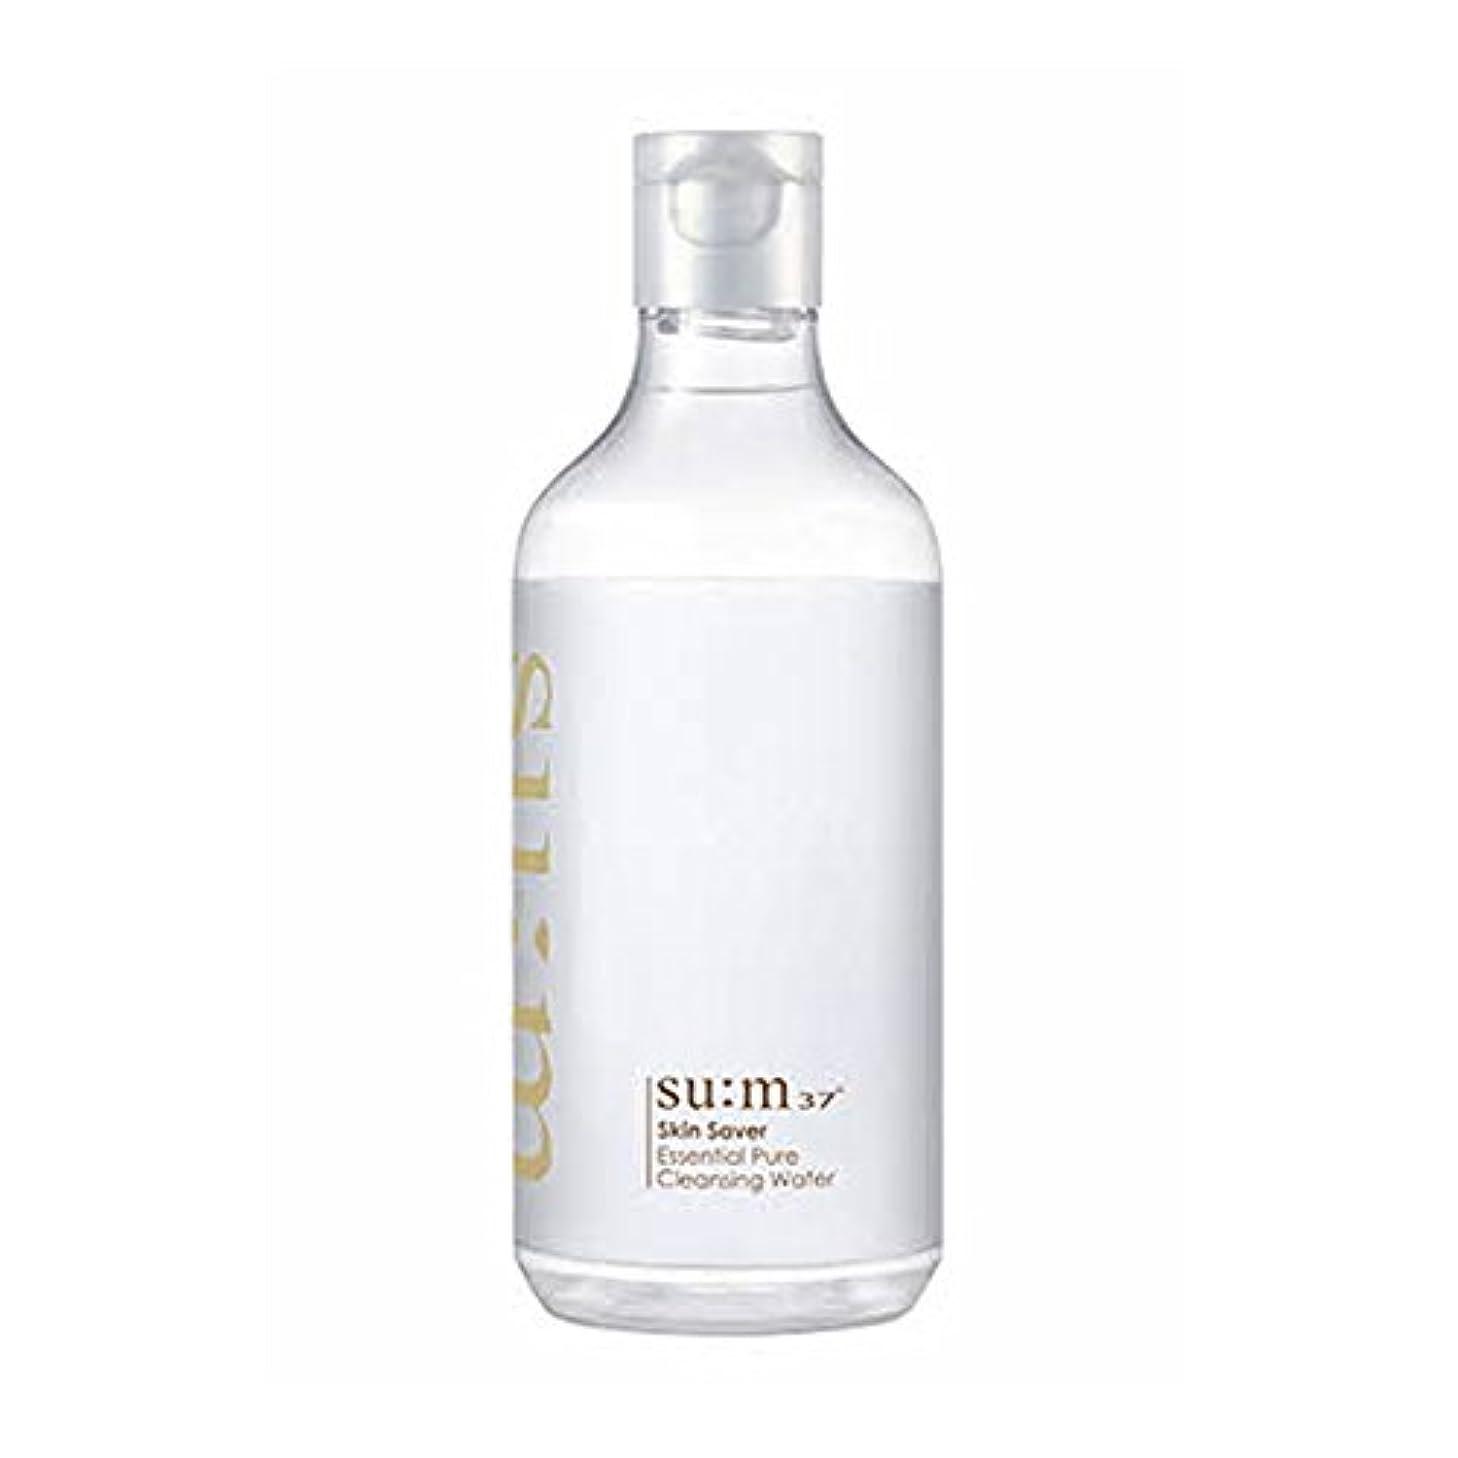 百科事典恐怖症ダルセット[スム37°] Sum37° スキンセイバー エッセンシャルピュアクレンジングウォーター  Skin saver Essential Pure Cleansing Water (海外直送品) [並行輸入品]